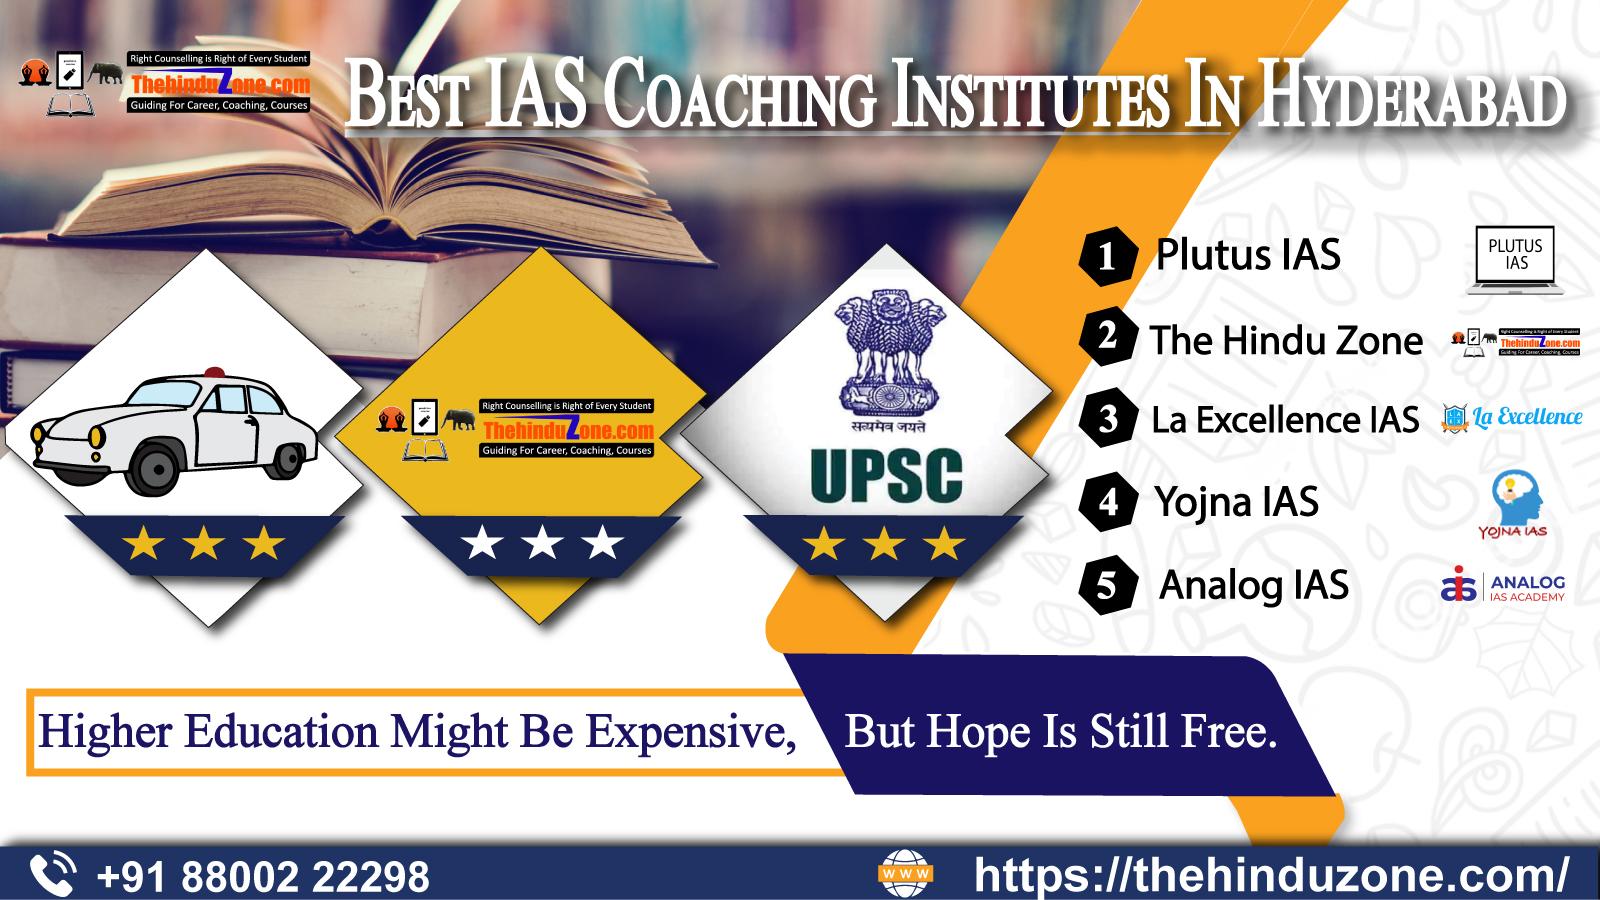 Top 10 IAS Coaching Institutes In Hyderabad